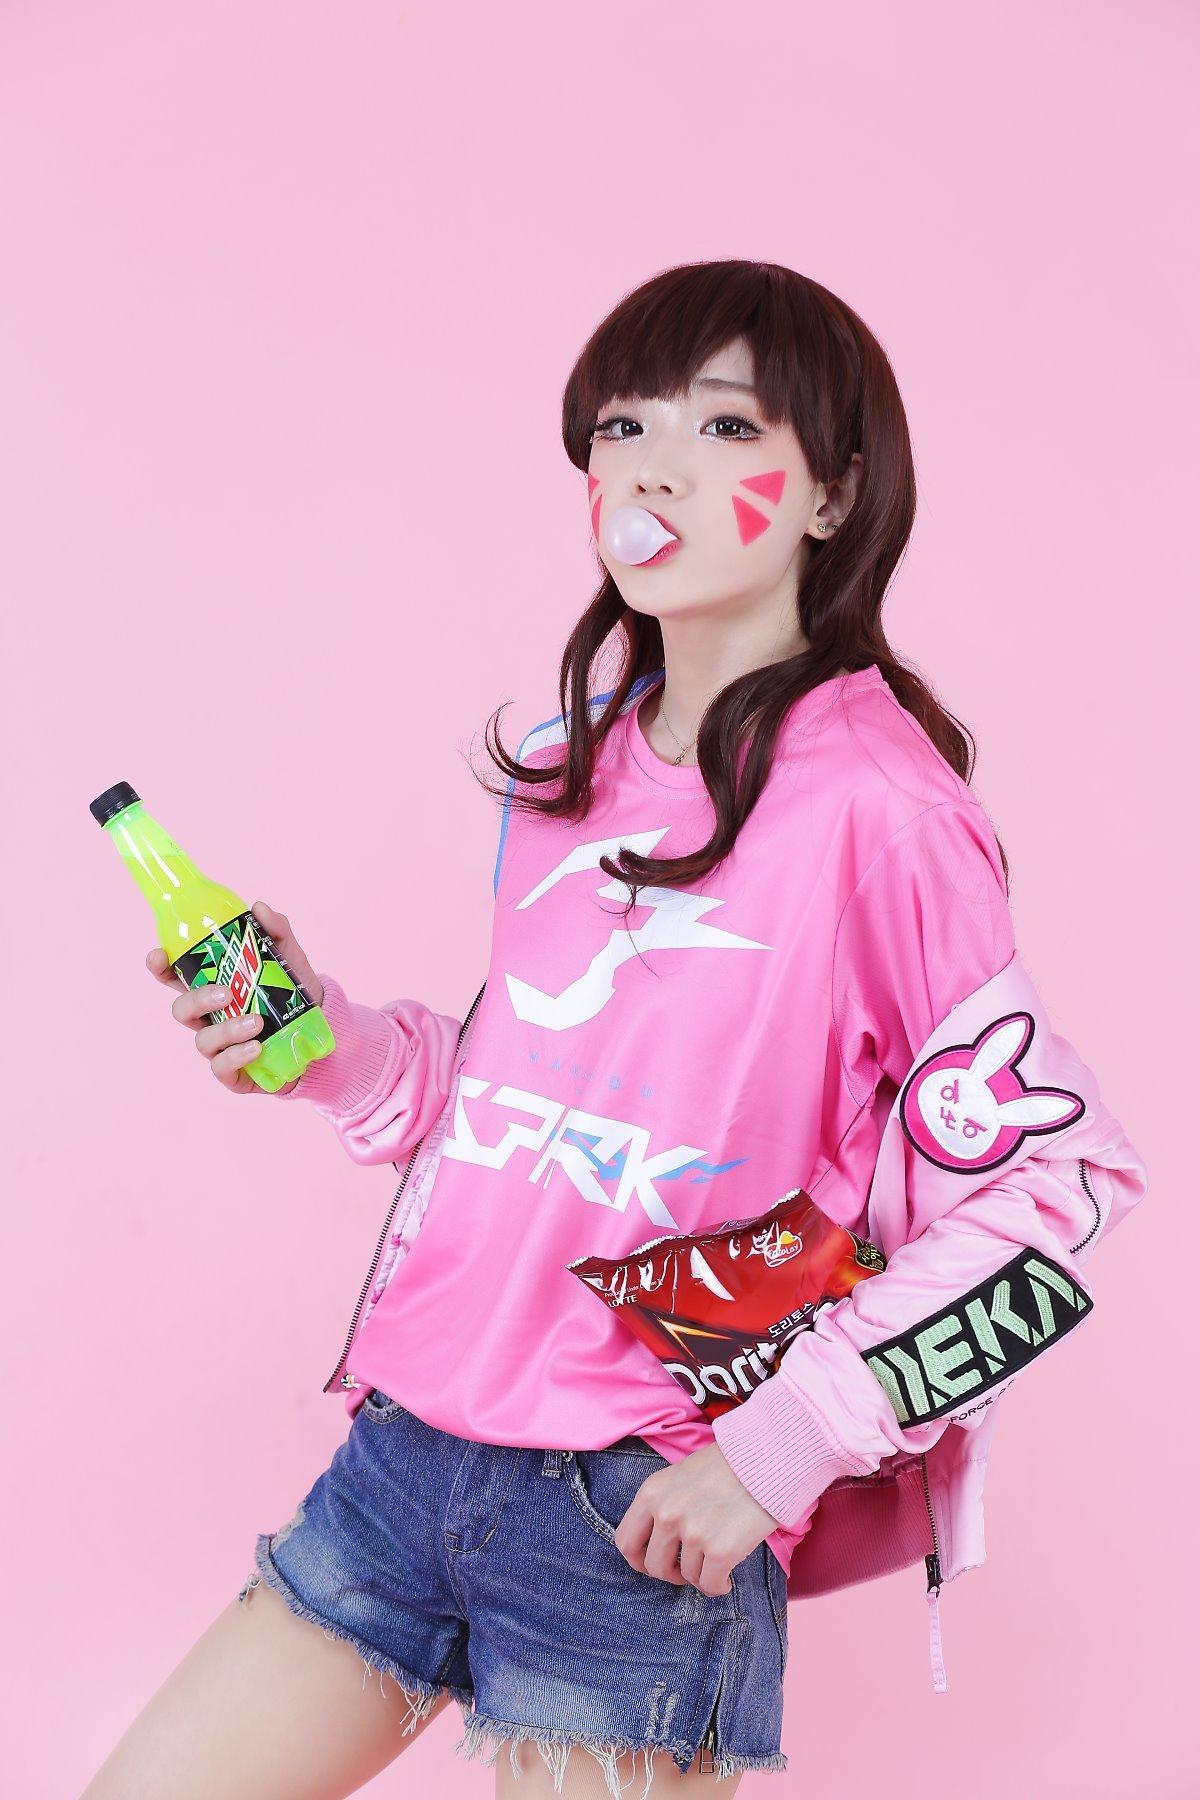 韓國Coser Miyuko最新作品 《Overwatch》宅女版D.va - 香港手機遊戲網 GameApps.hk